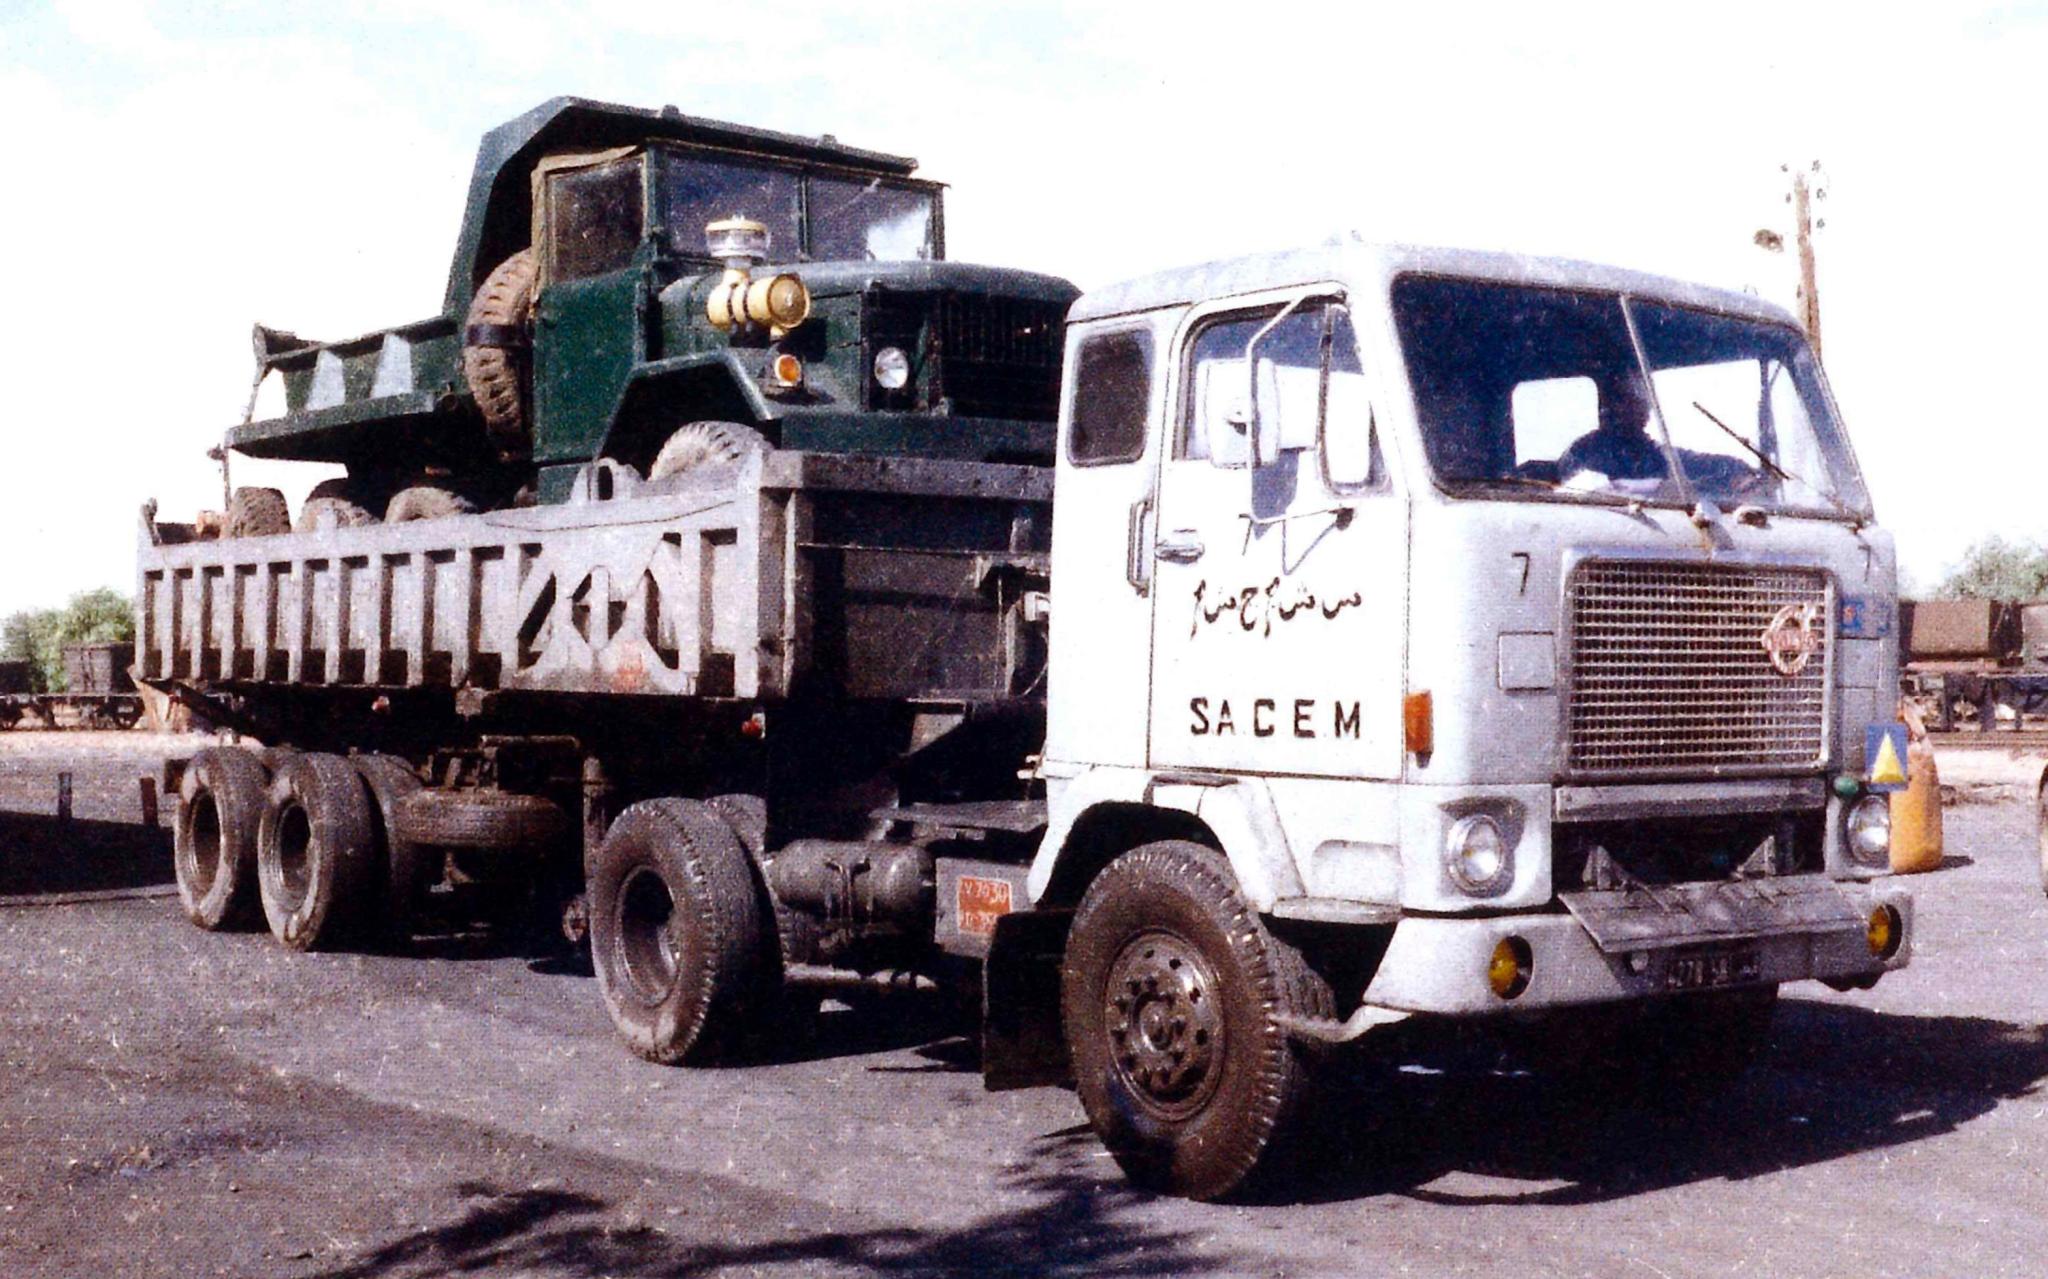 Transport Routier au Maroc - Histoire - Page 2 49787580582_6229a41efd_o_d